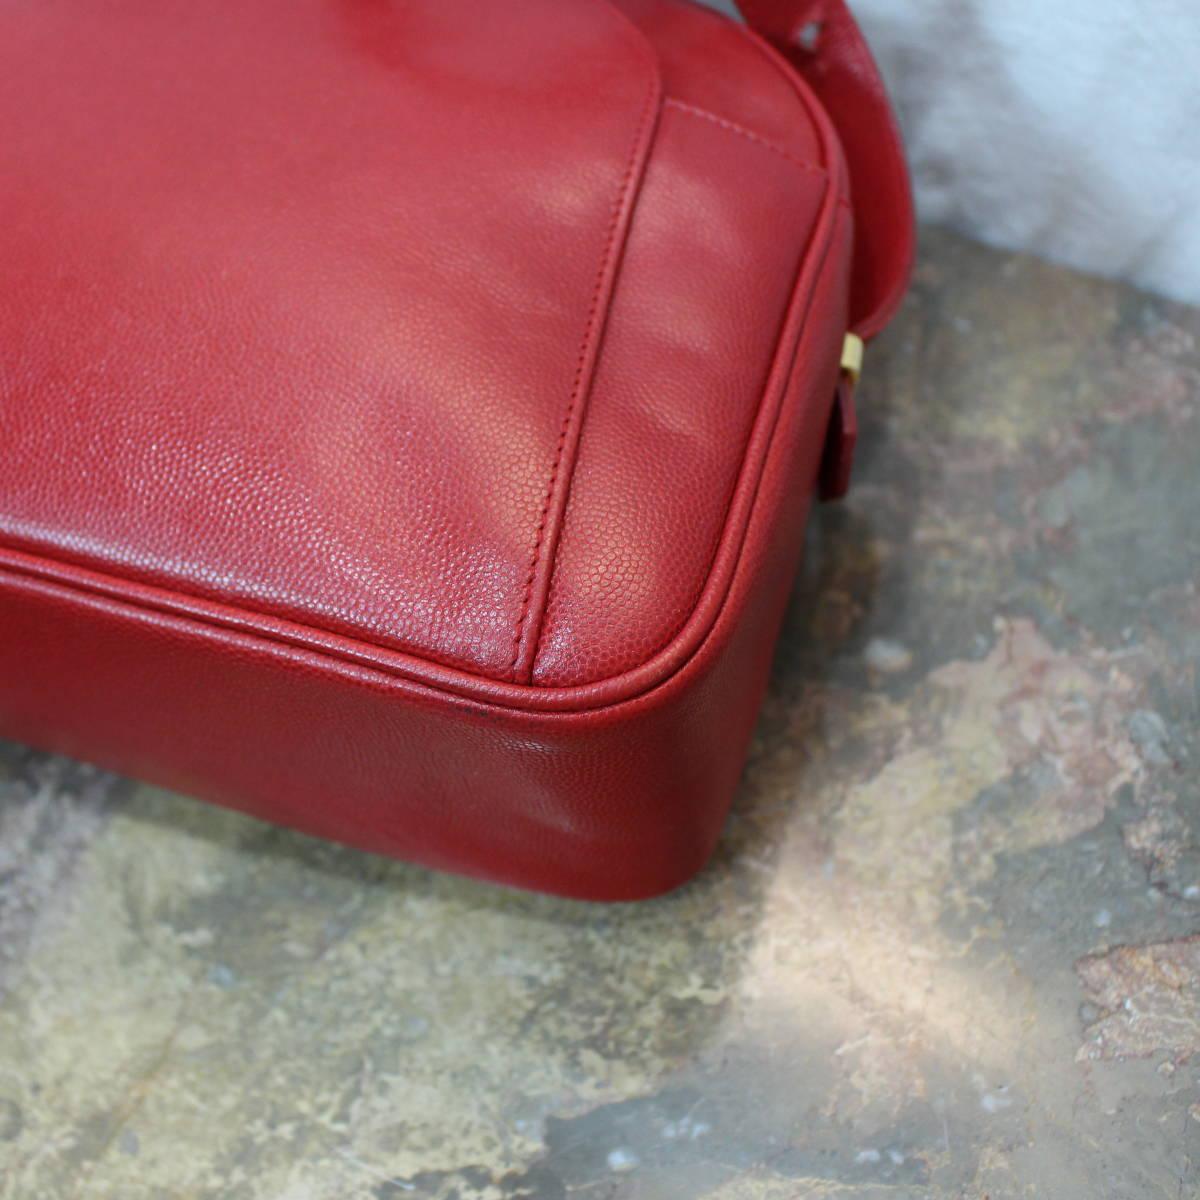 Lanvin LOGO LEATHER SHOULDER BAG MADE IN FRANCE/ランバンロゴレザーショルダーバッグ_画像7